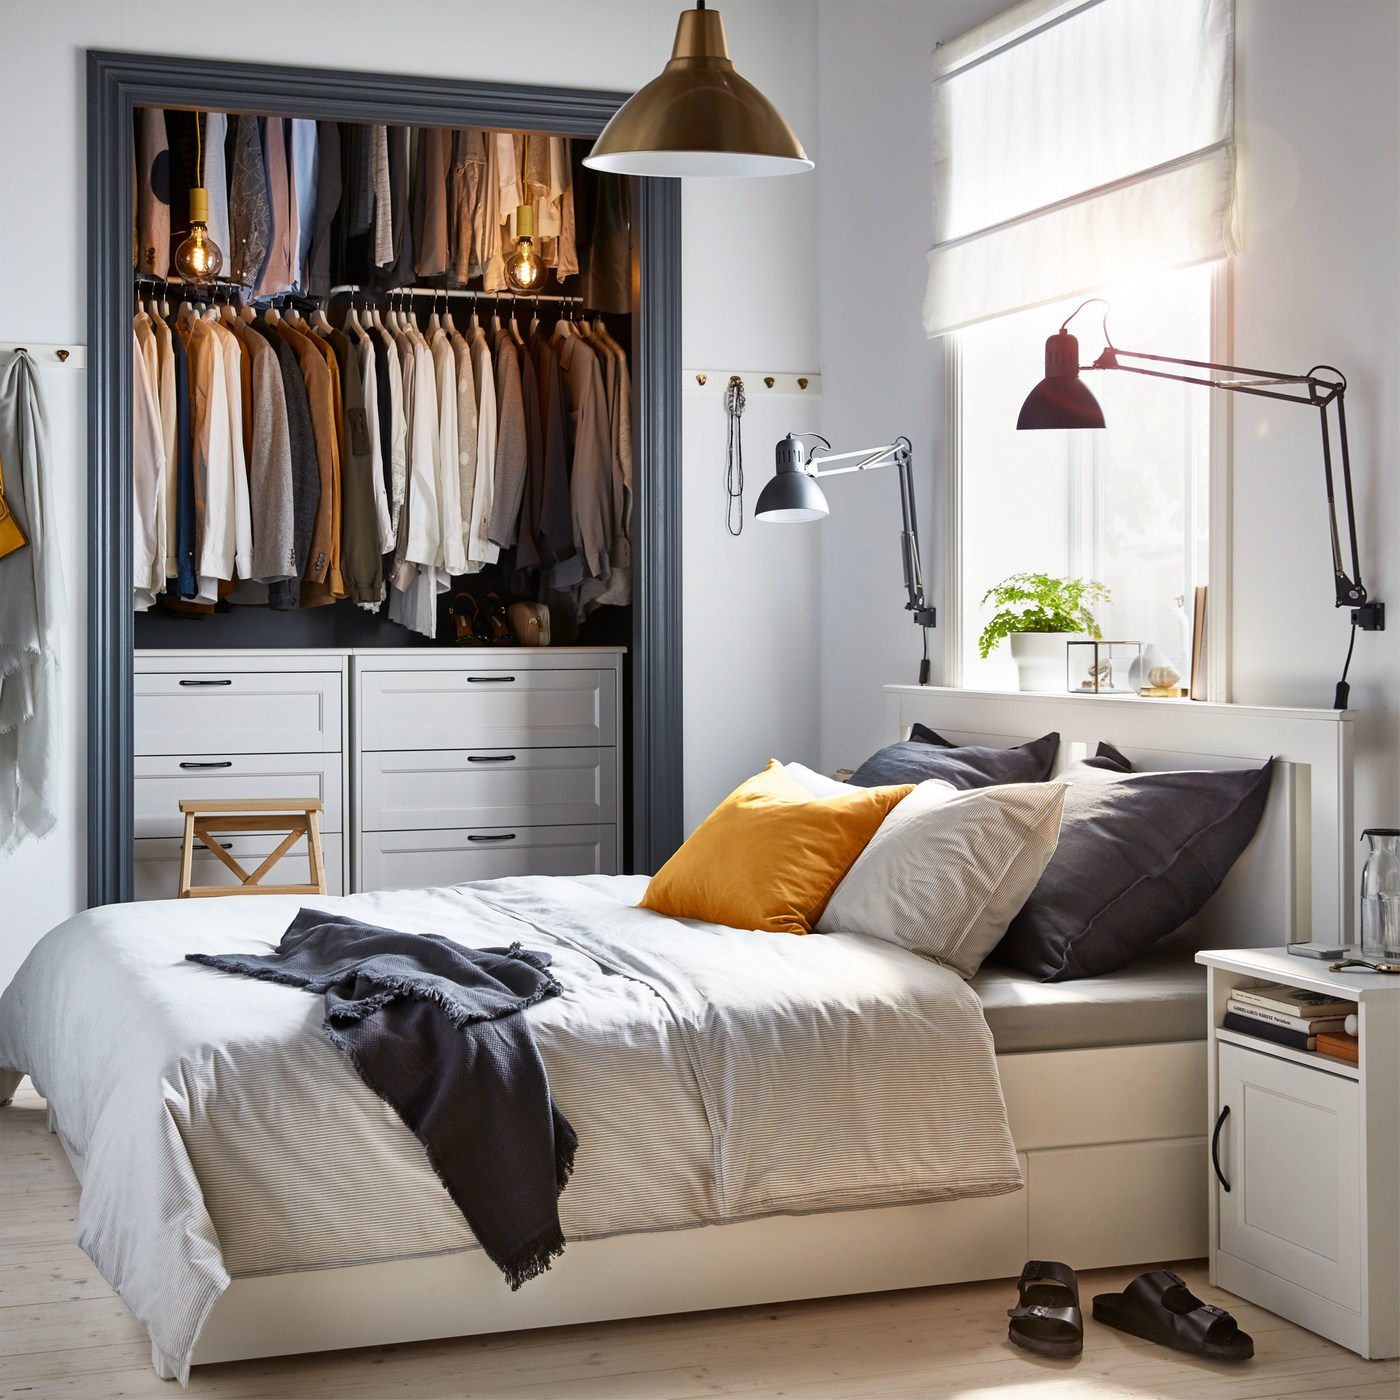 Camerette Tre Letti Ikea lasciati ispirare dalle nostre camera da letto - ikea